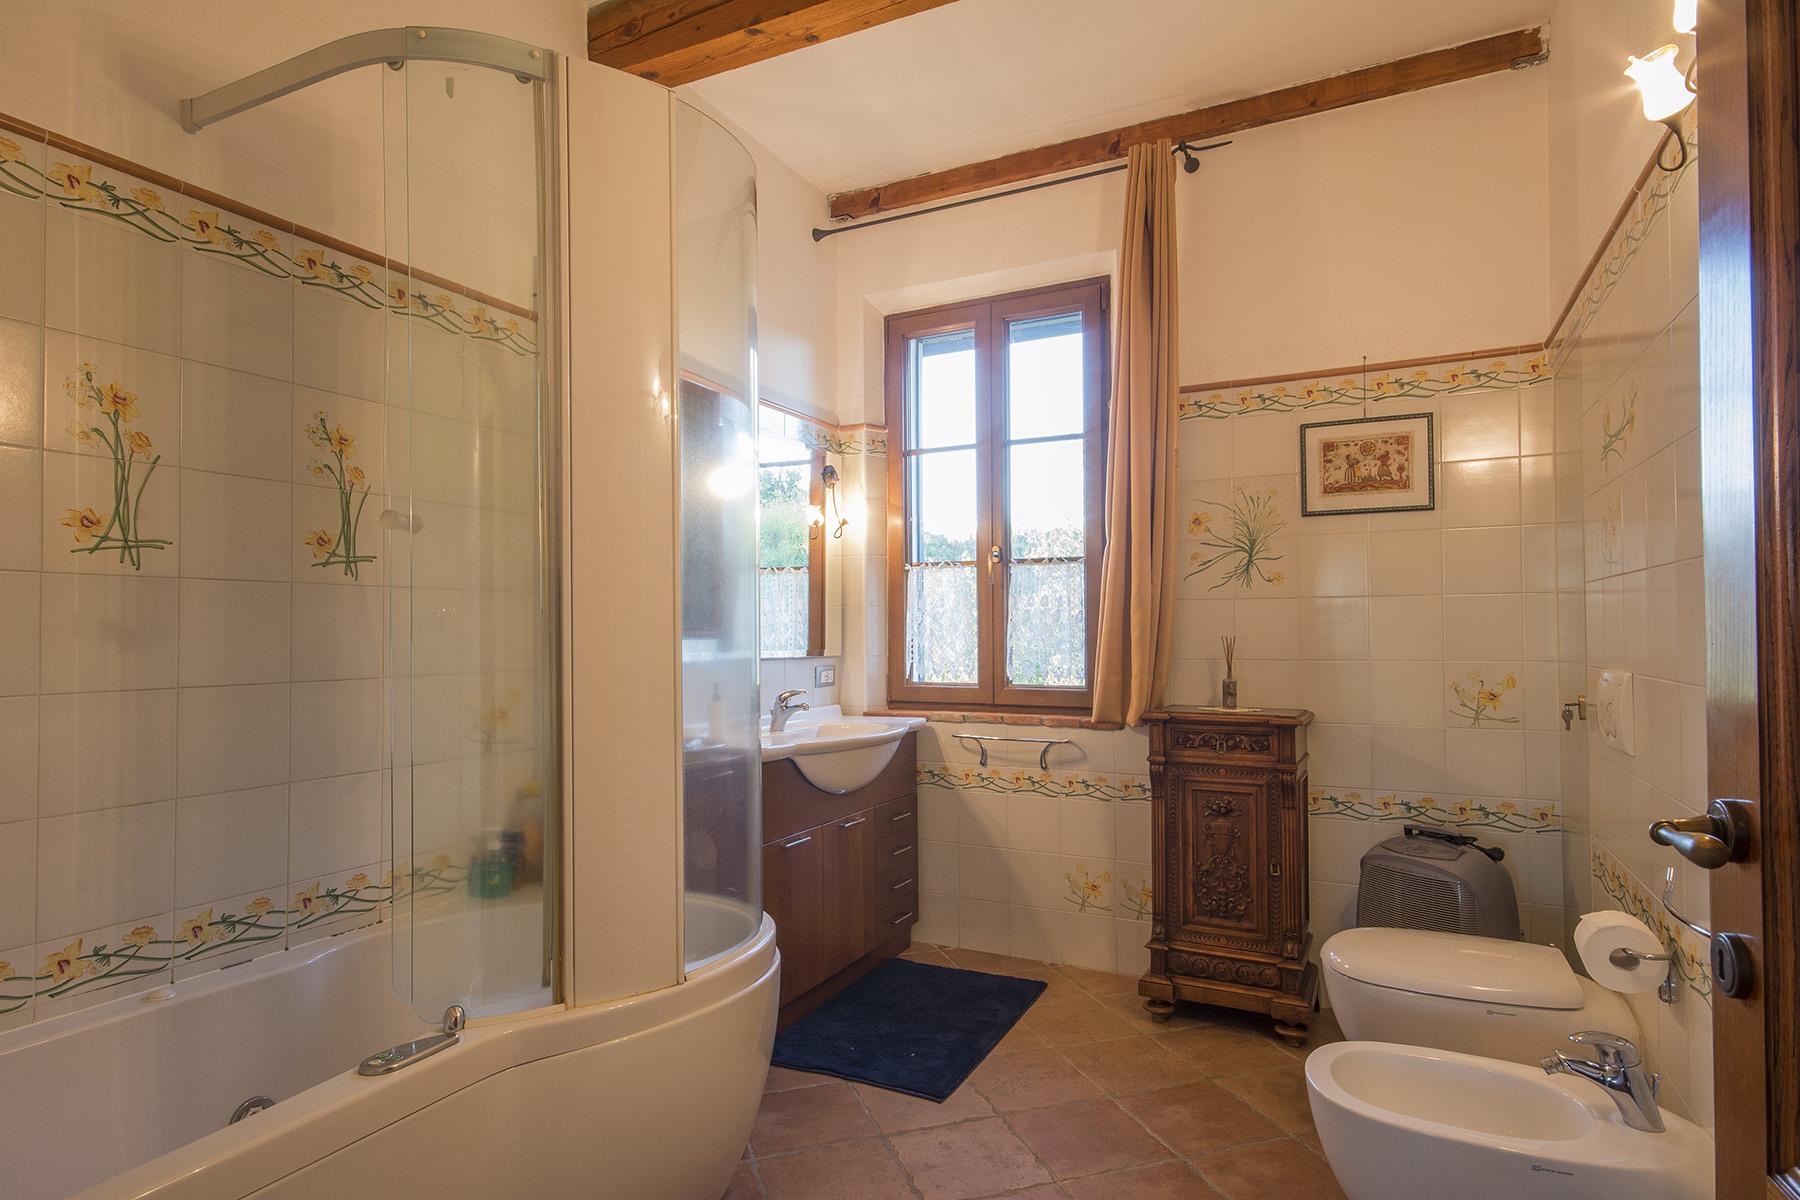 Villa in Vendita a San Miniato: 5 locali, 500 mq - Foto 15